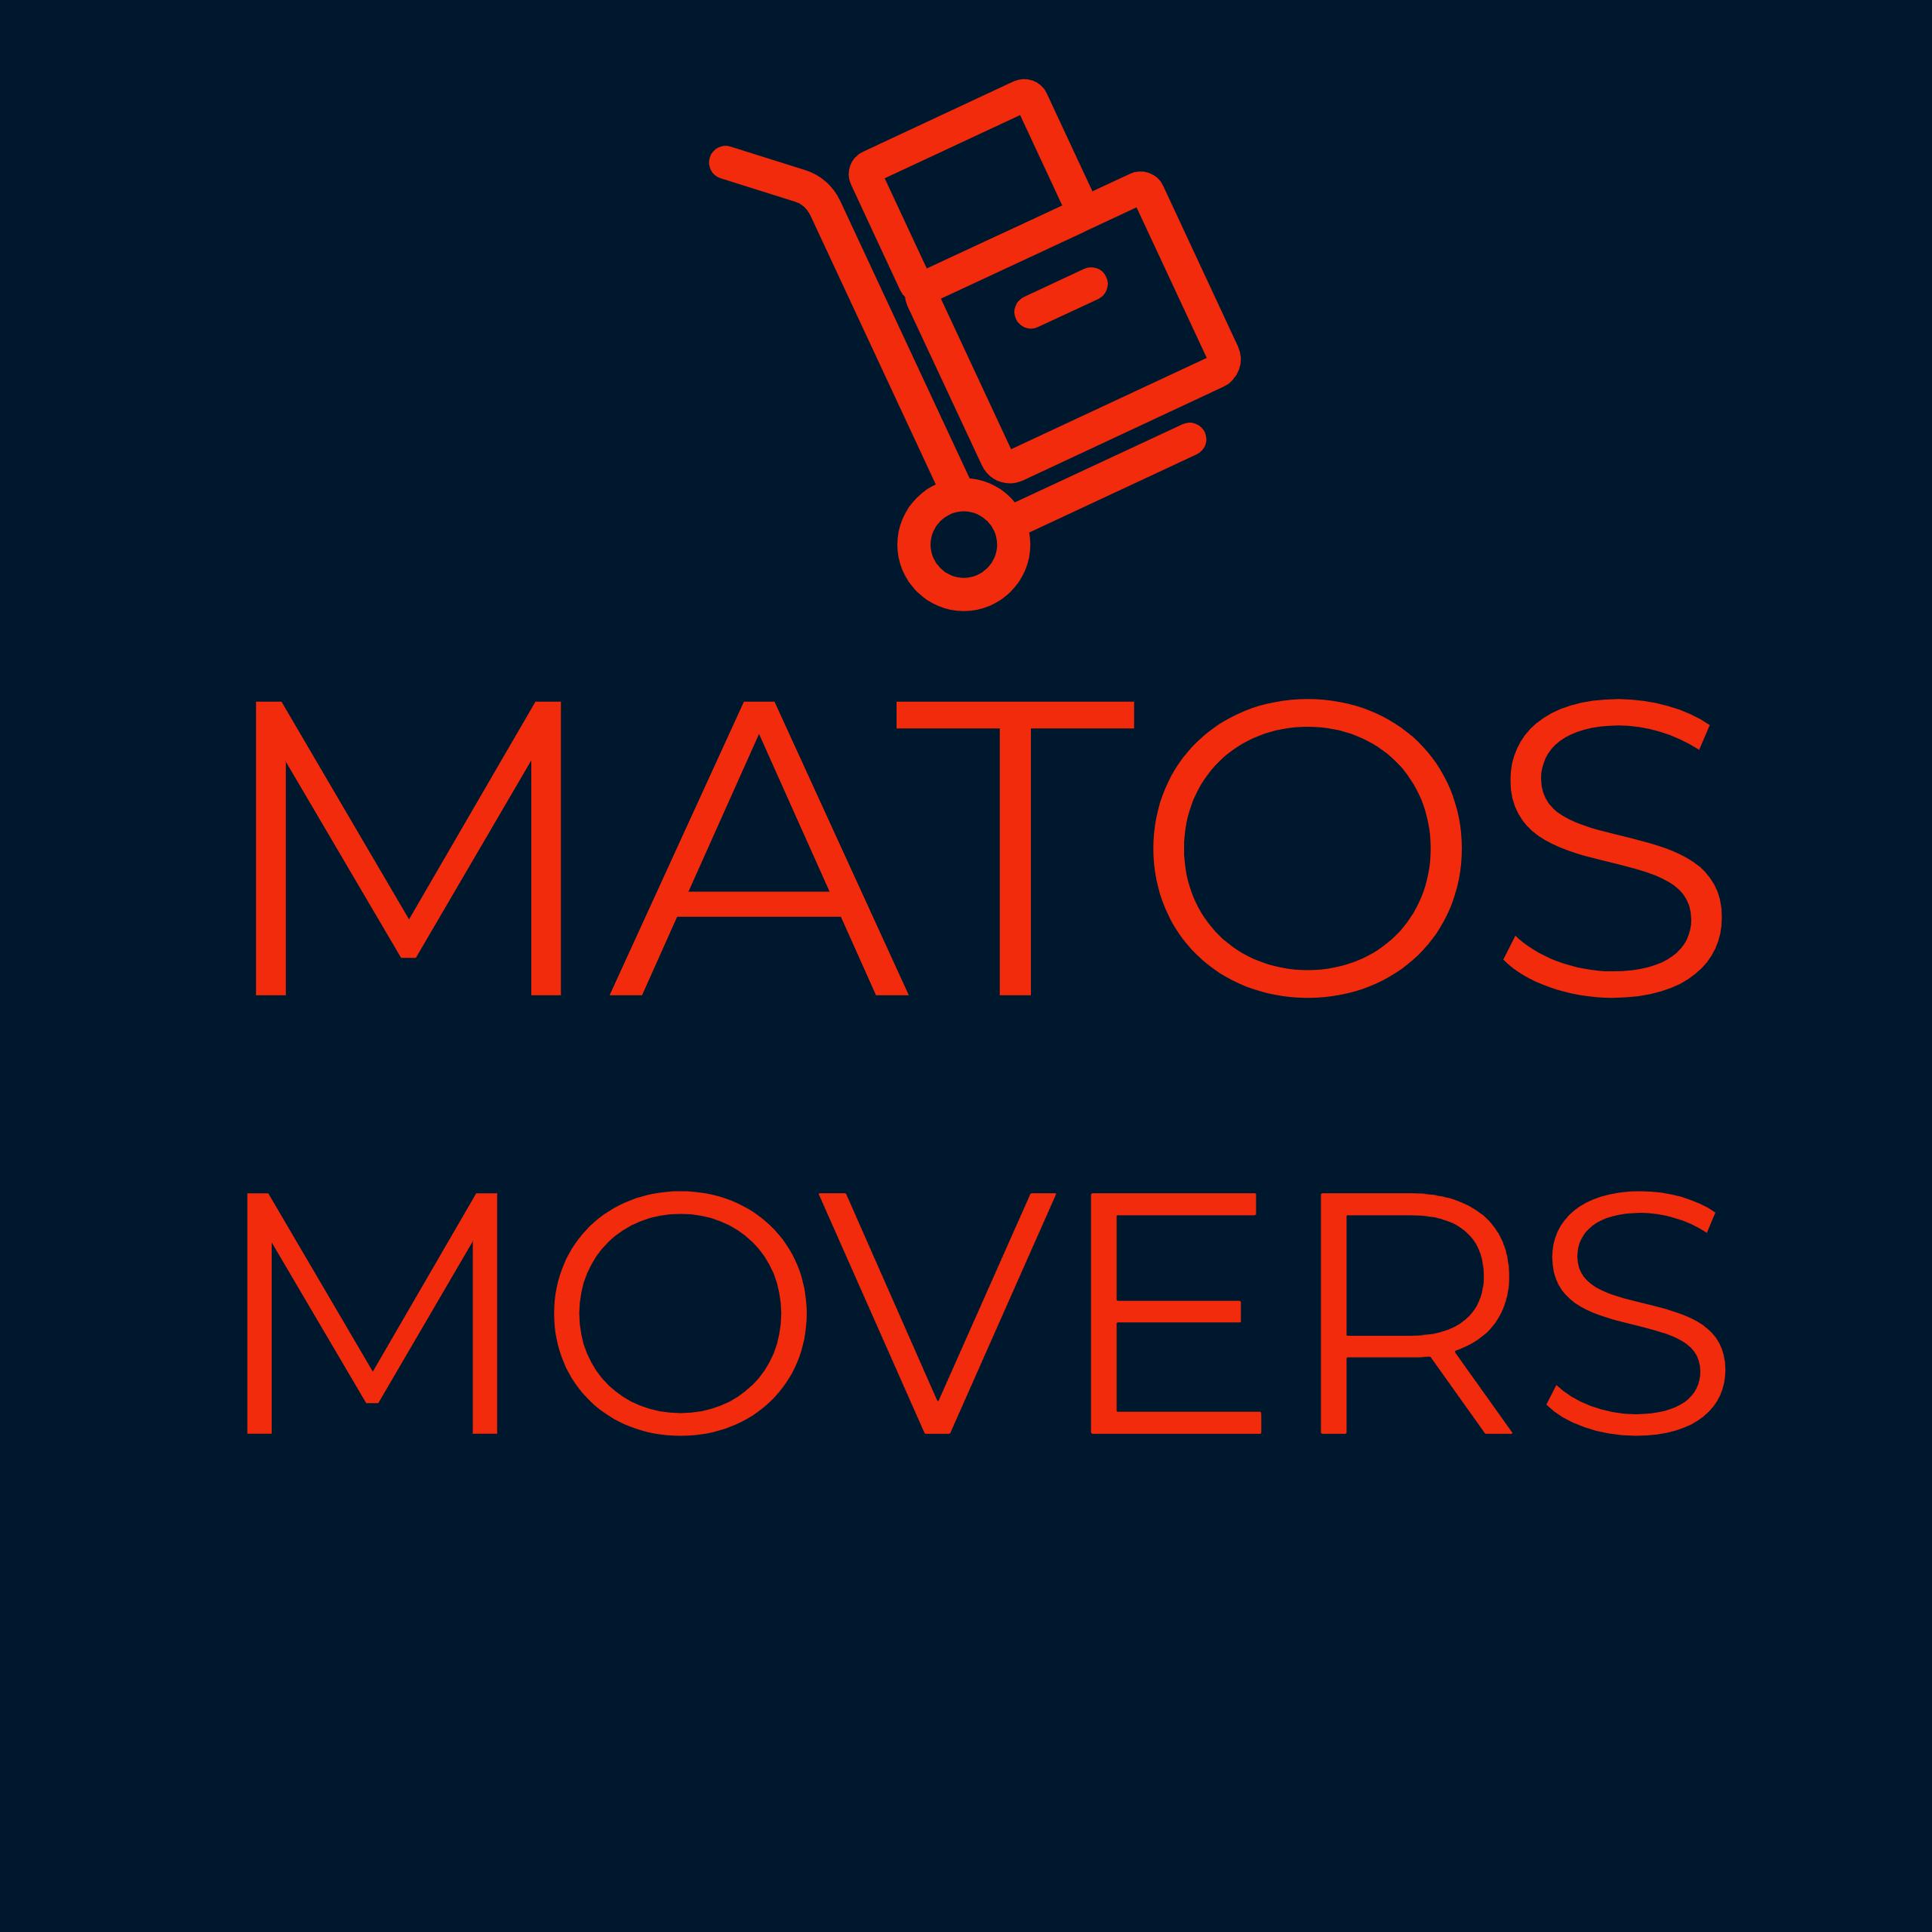 Matos Movers LLC Logo